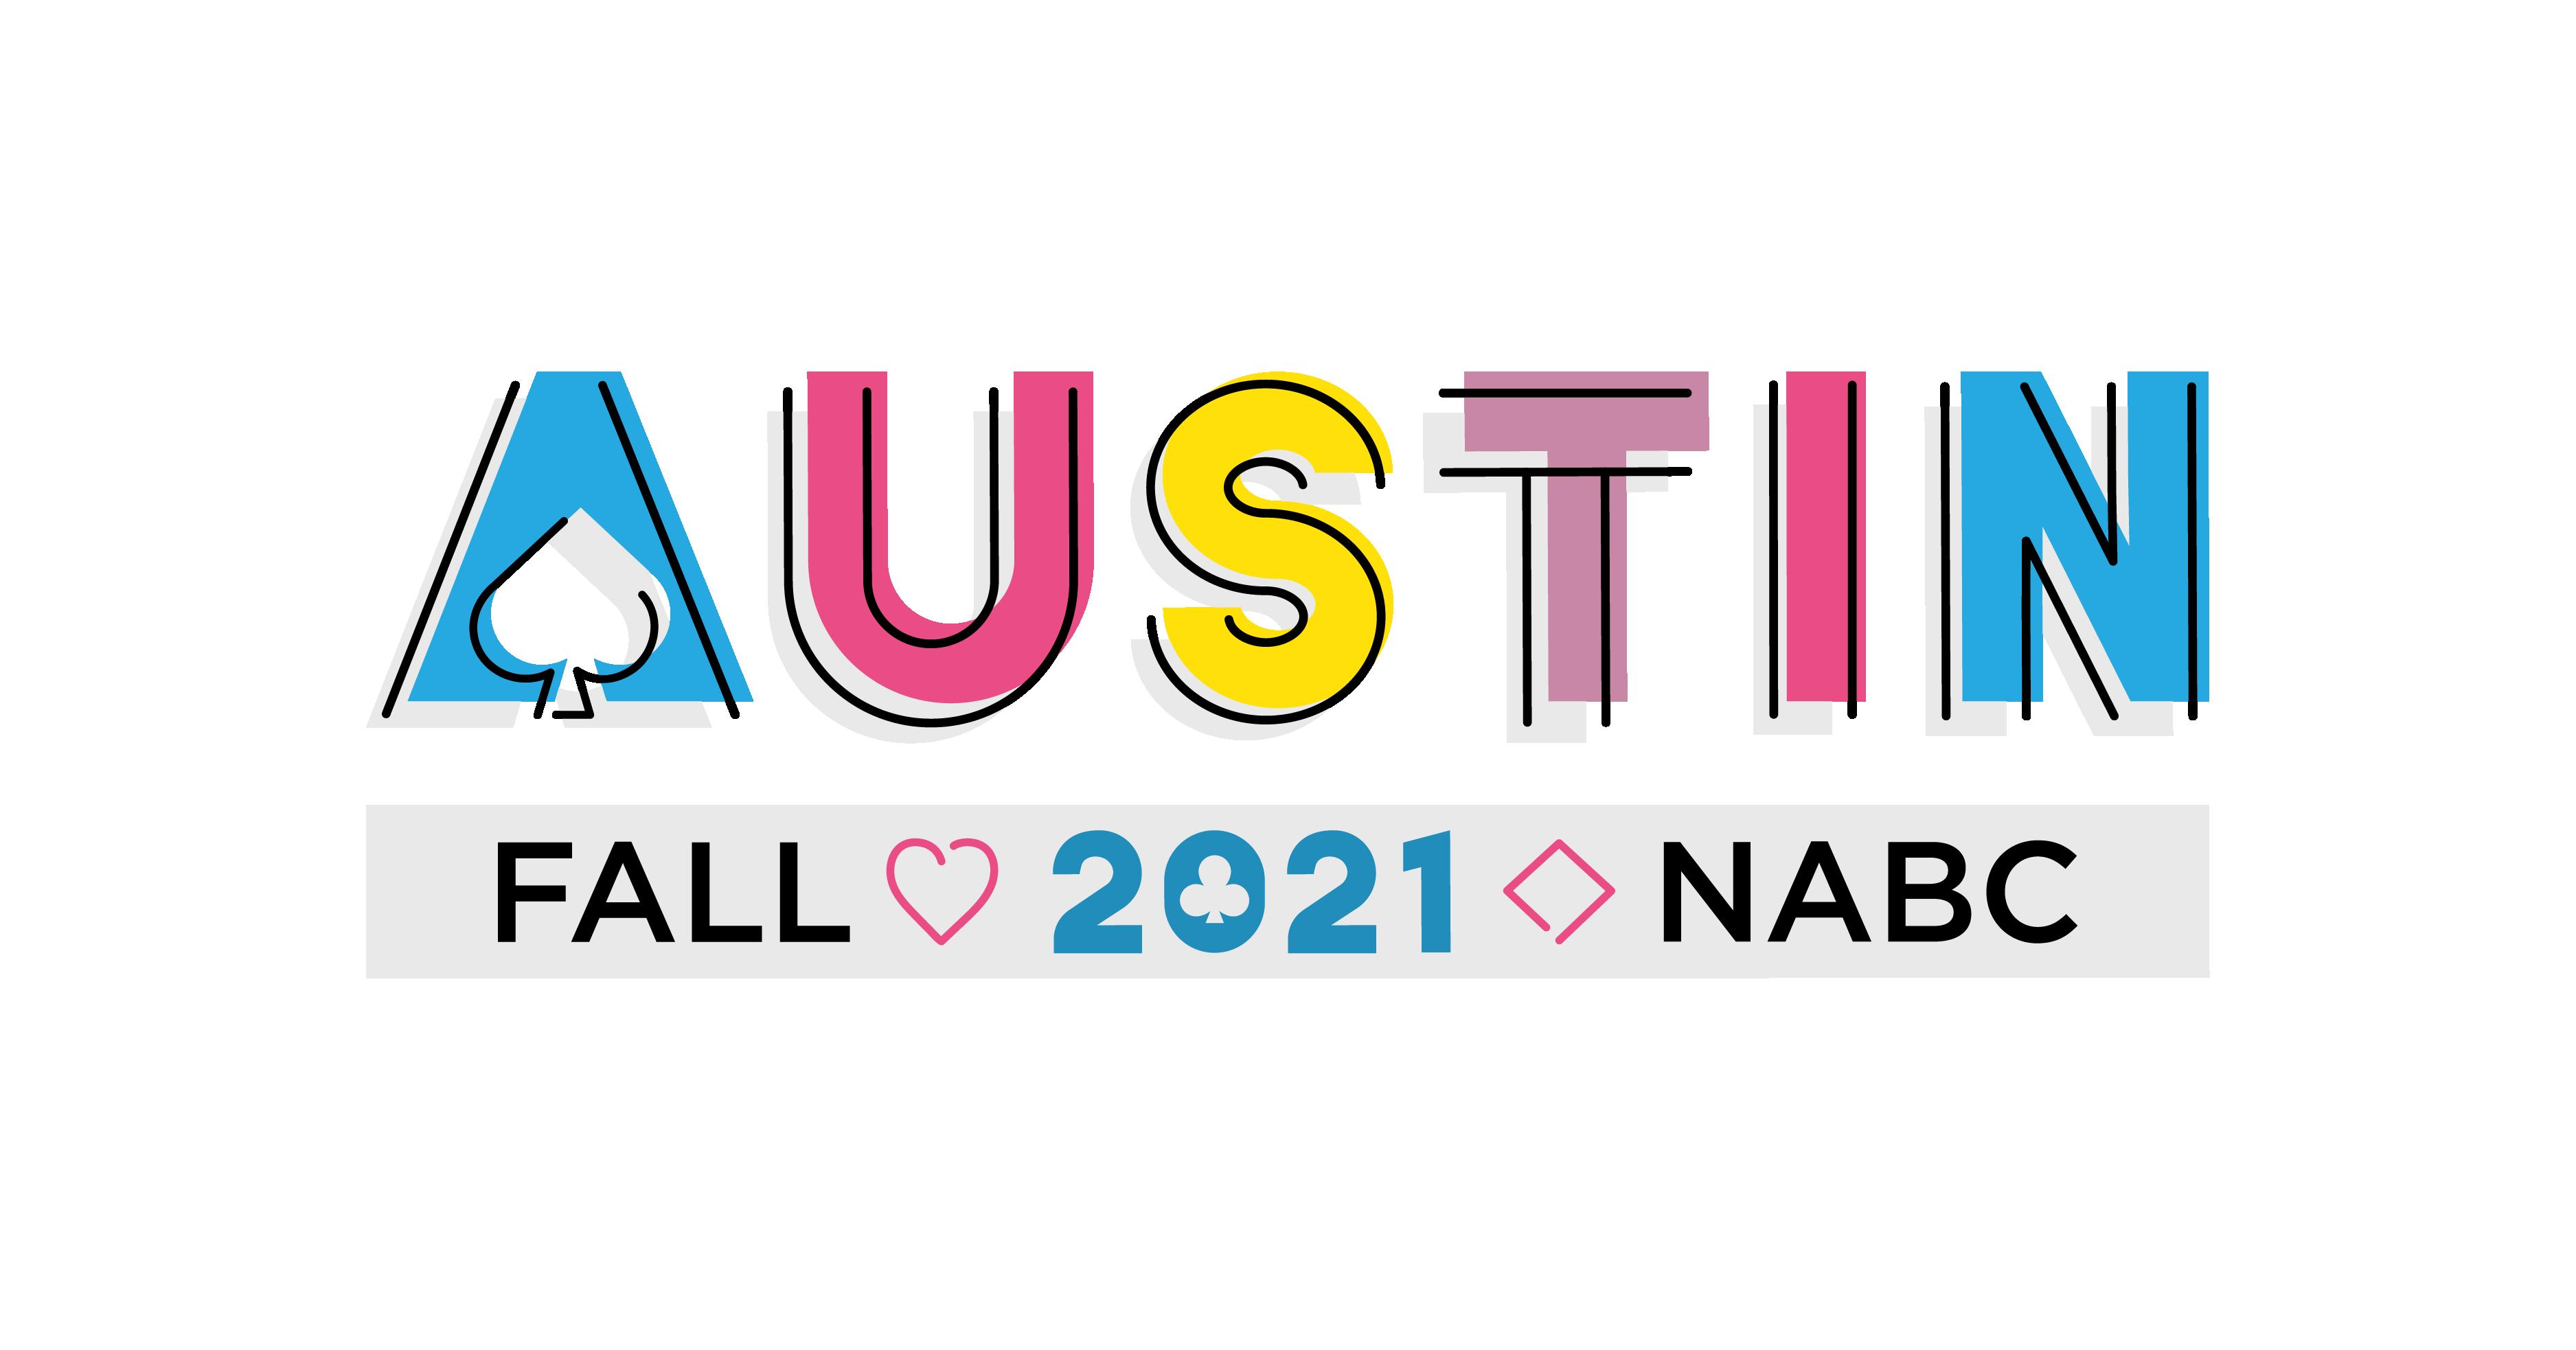 Upcoming NABc aution NABC logo